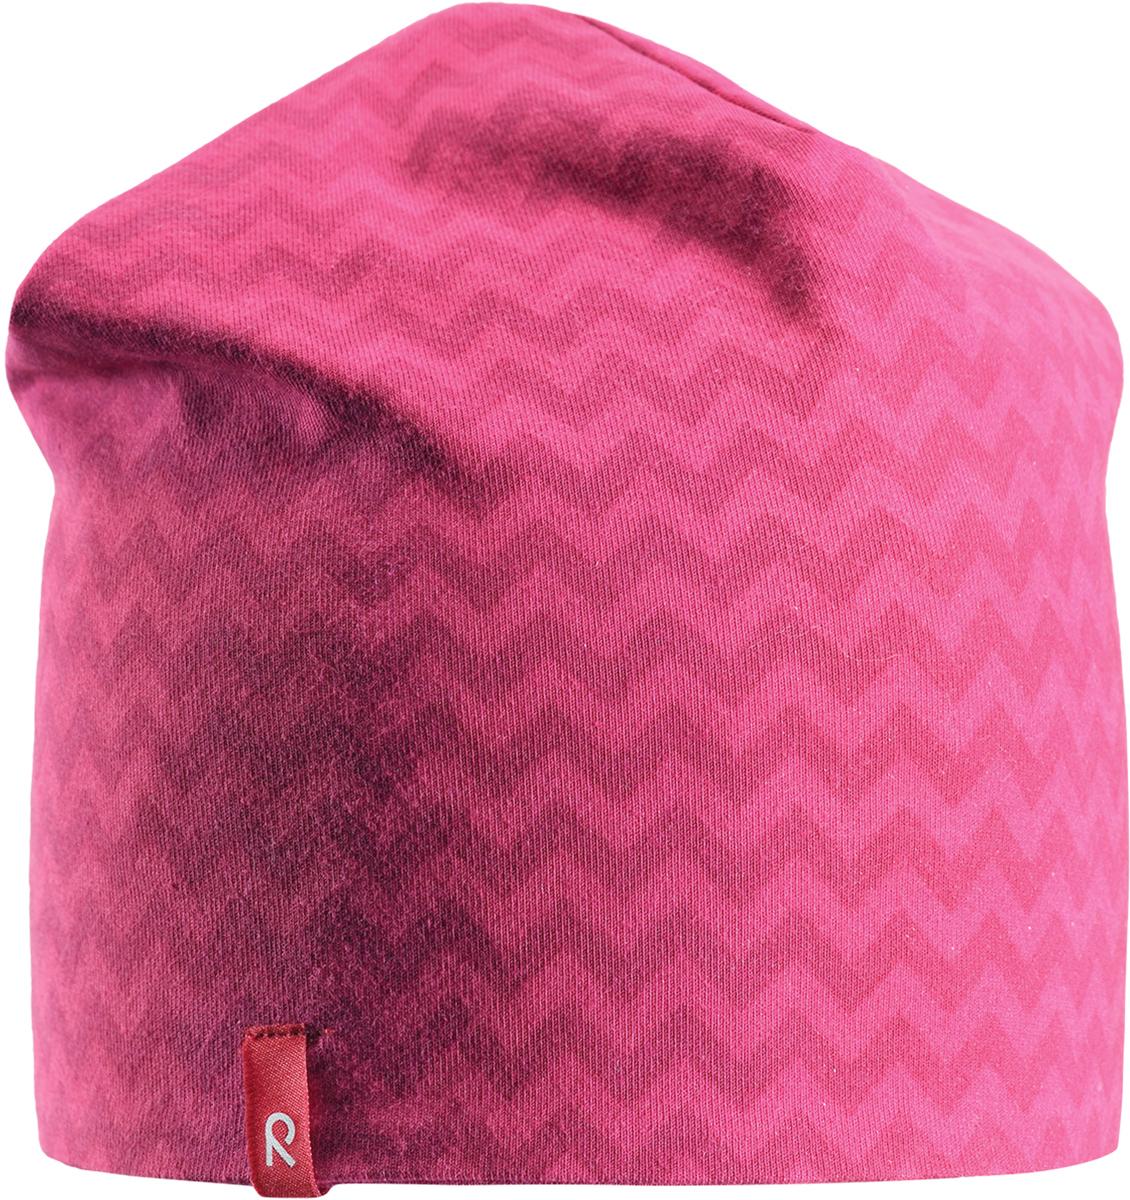 Шапка-бини для девочки Reima Hirvi, цвет: розовый. 5285393565. Размер 54 шапка женская r mountain цвет бежевый розовый ice 8521 размер 54 61